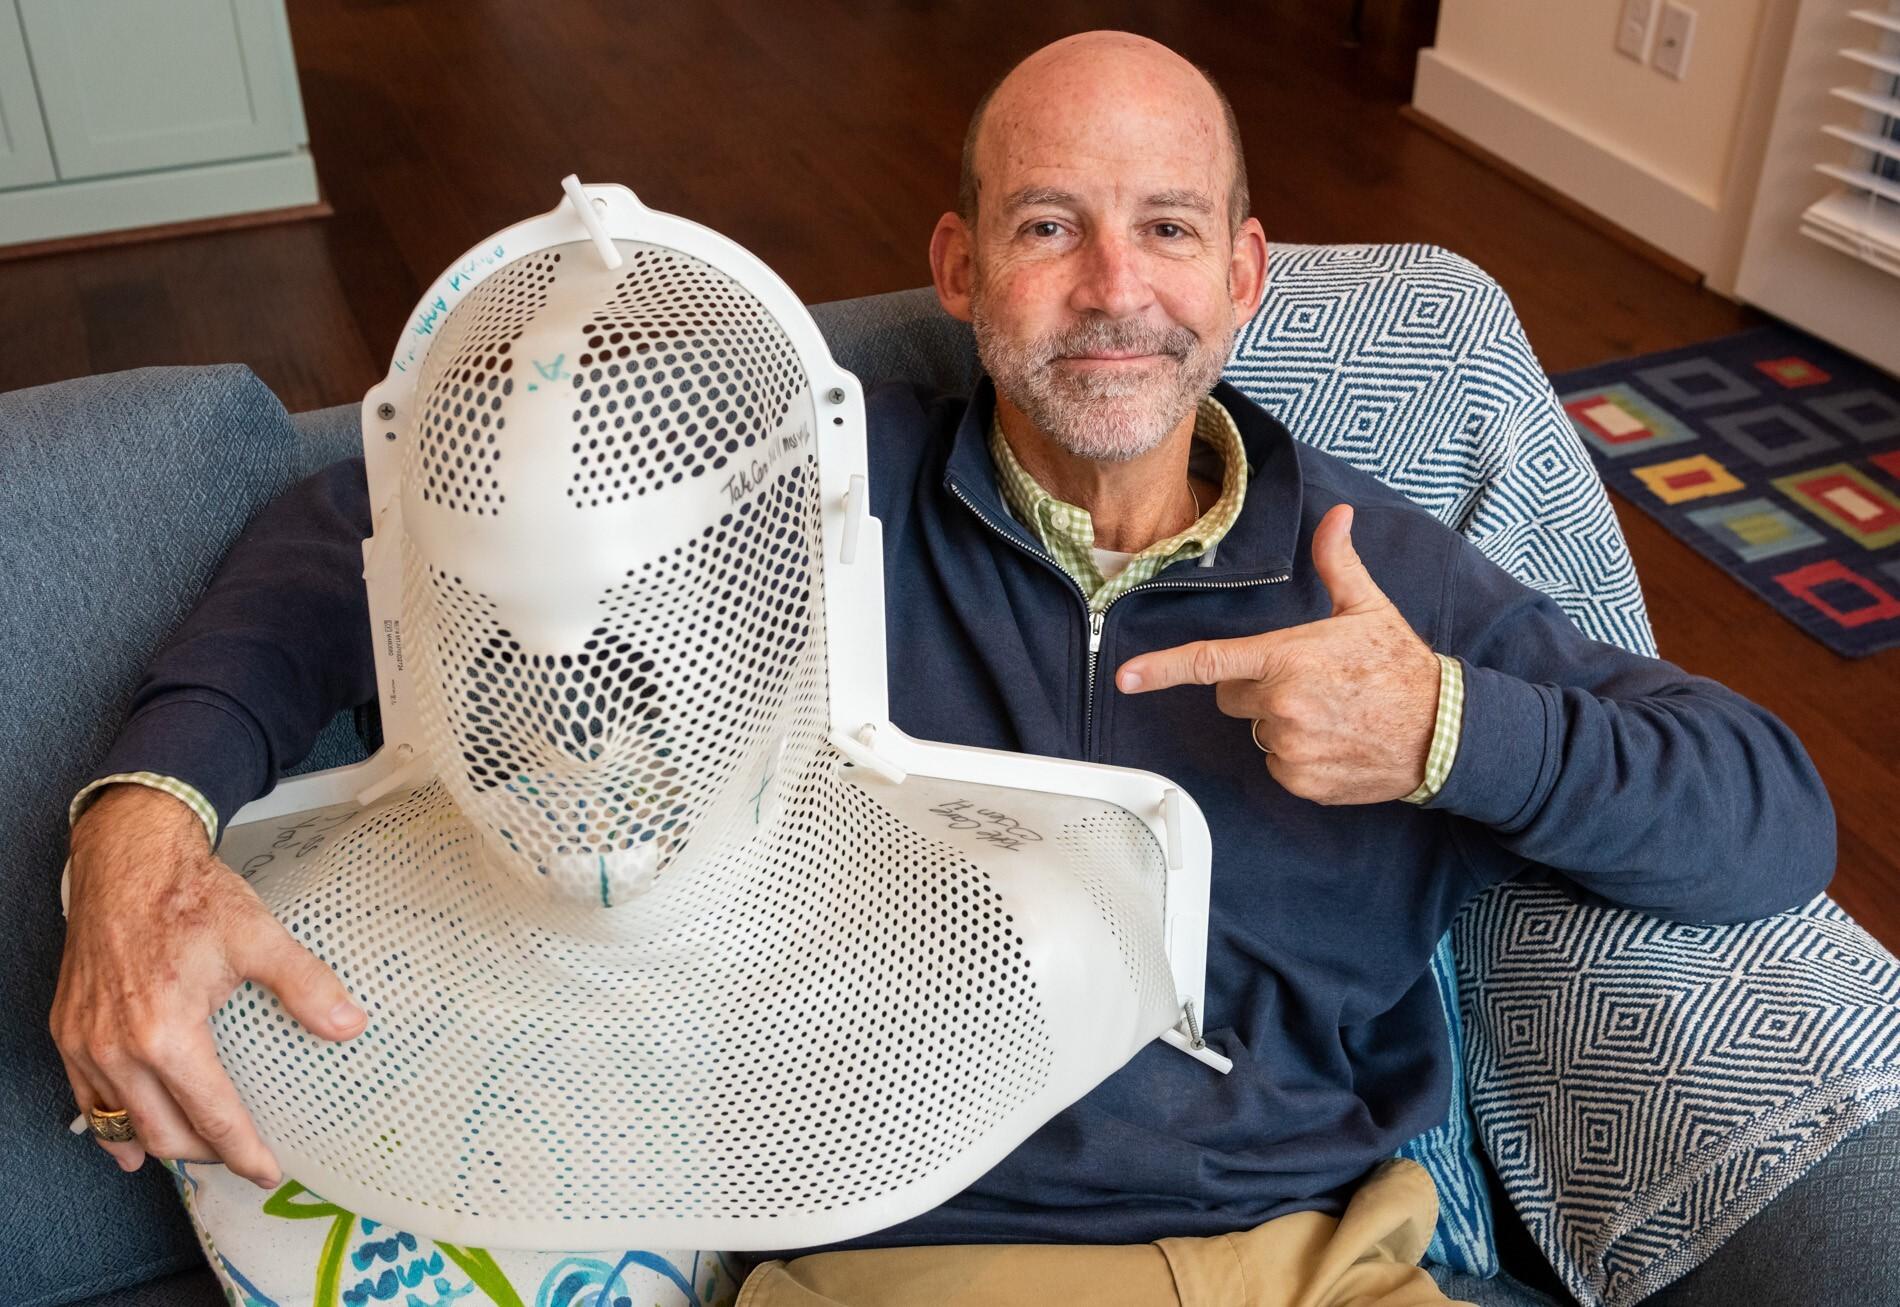 Photos: Virginia Beach cancer survivor urging parents to get children HPVvaccine